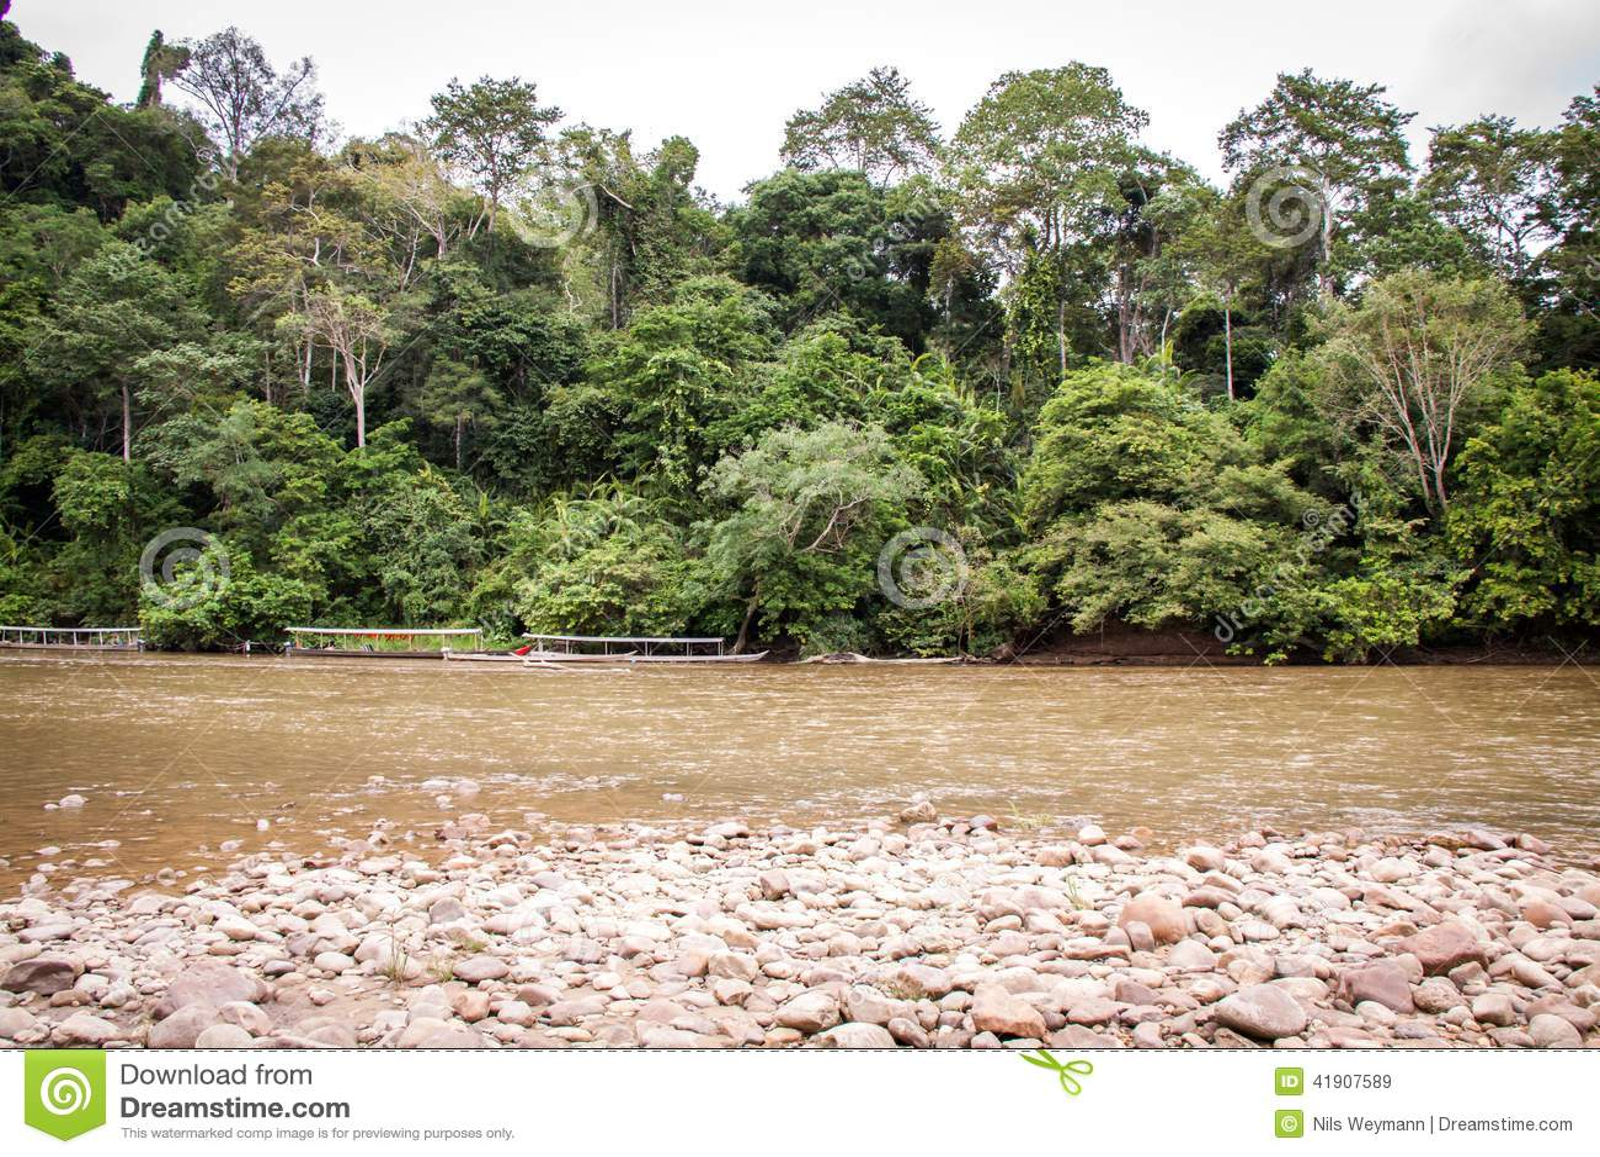 Cama de río pedregosa en una selva verde enorme